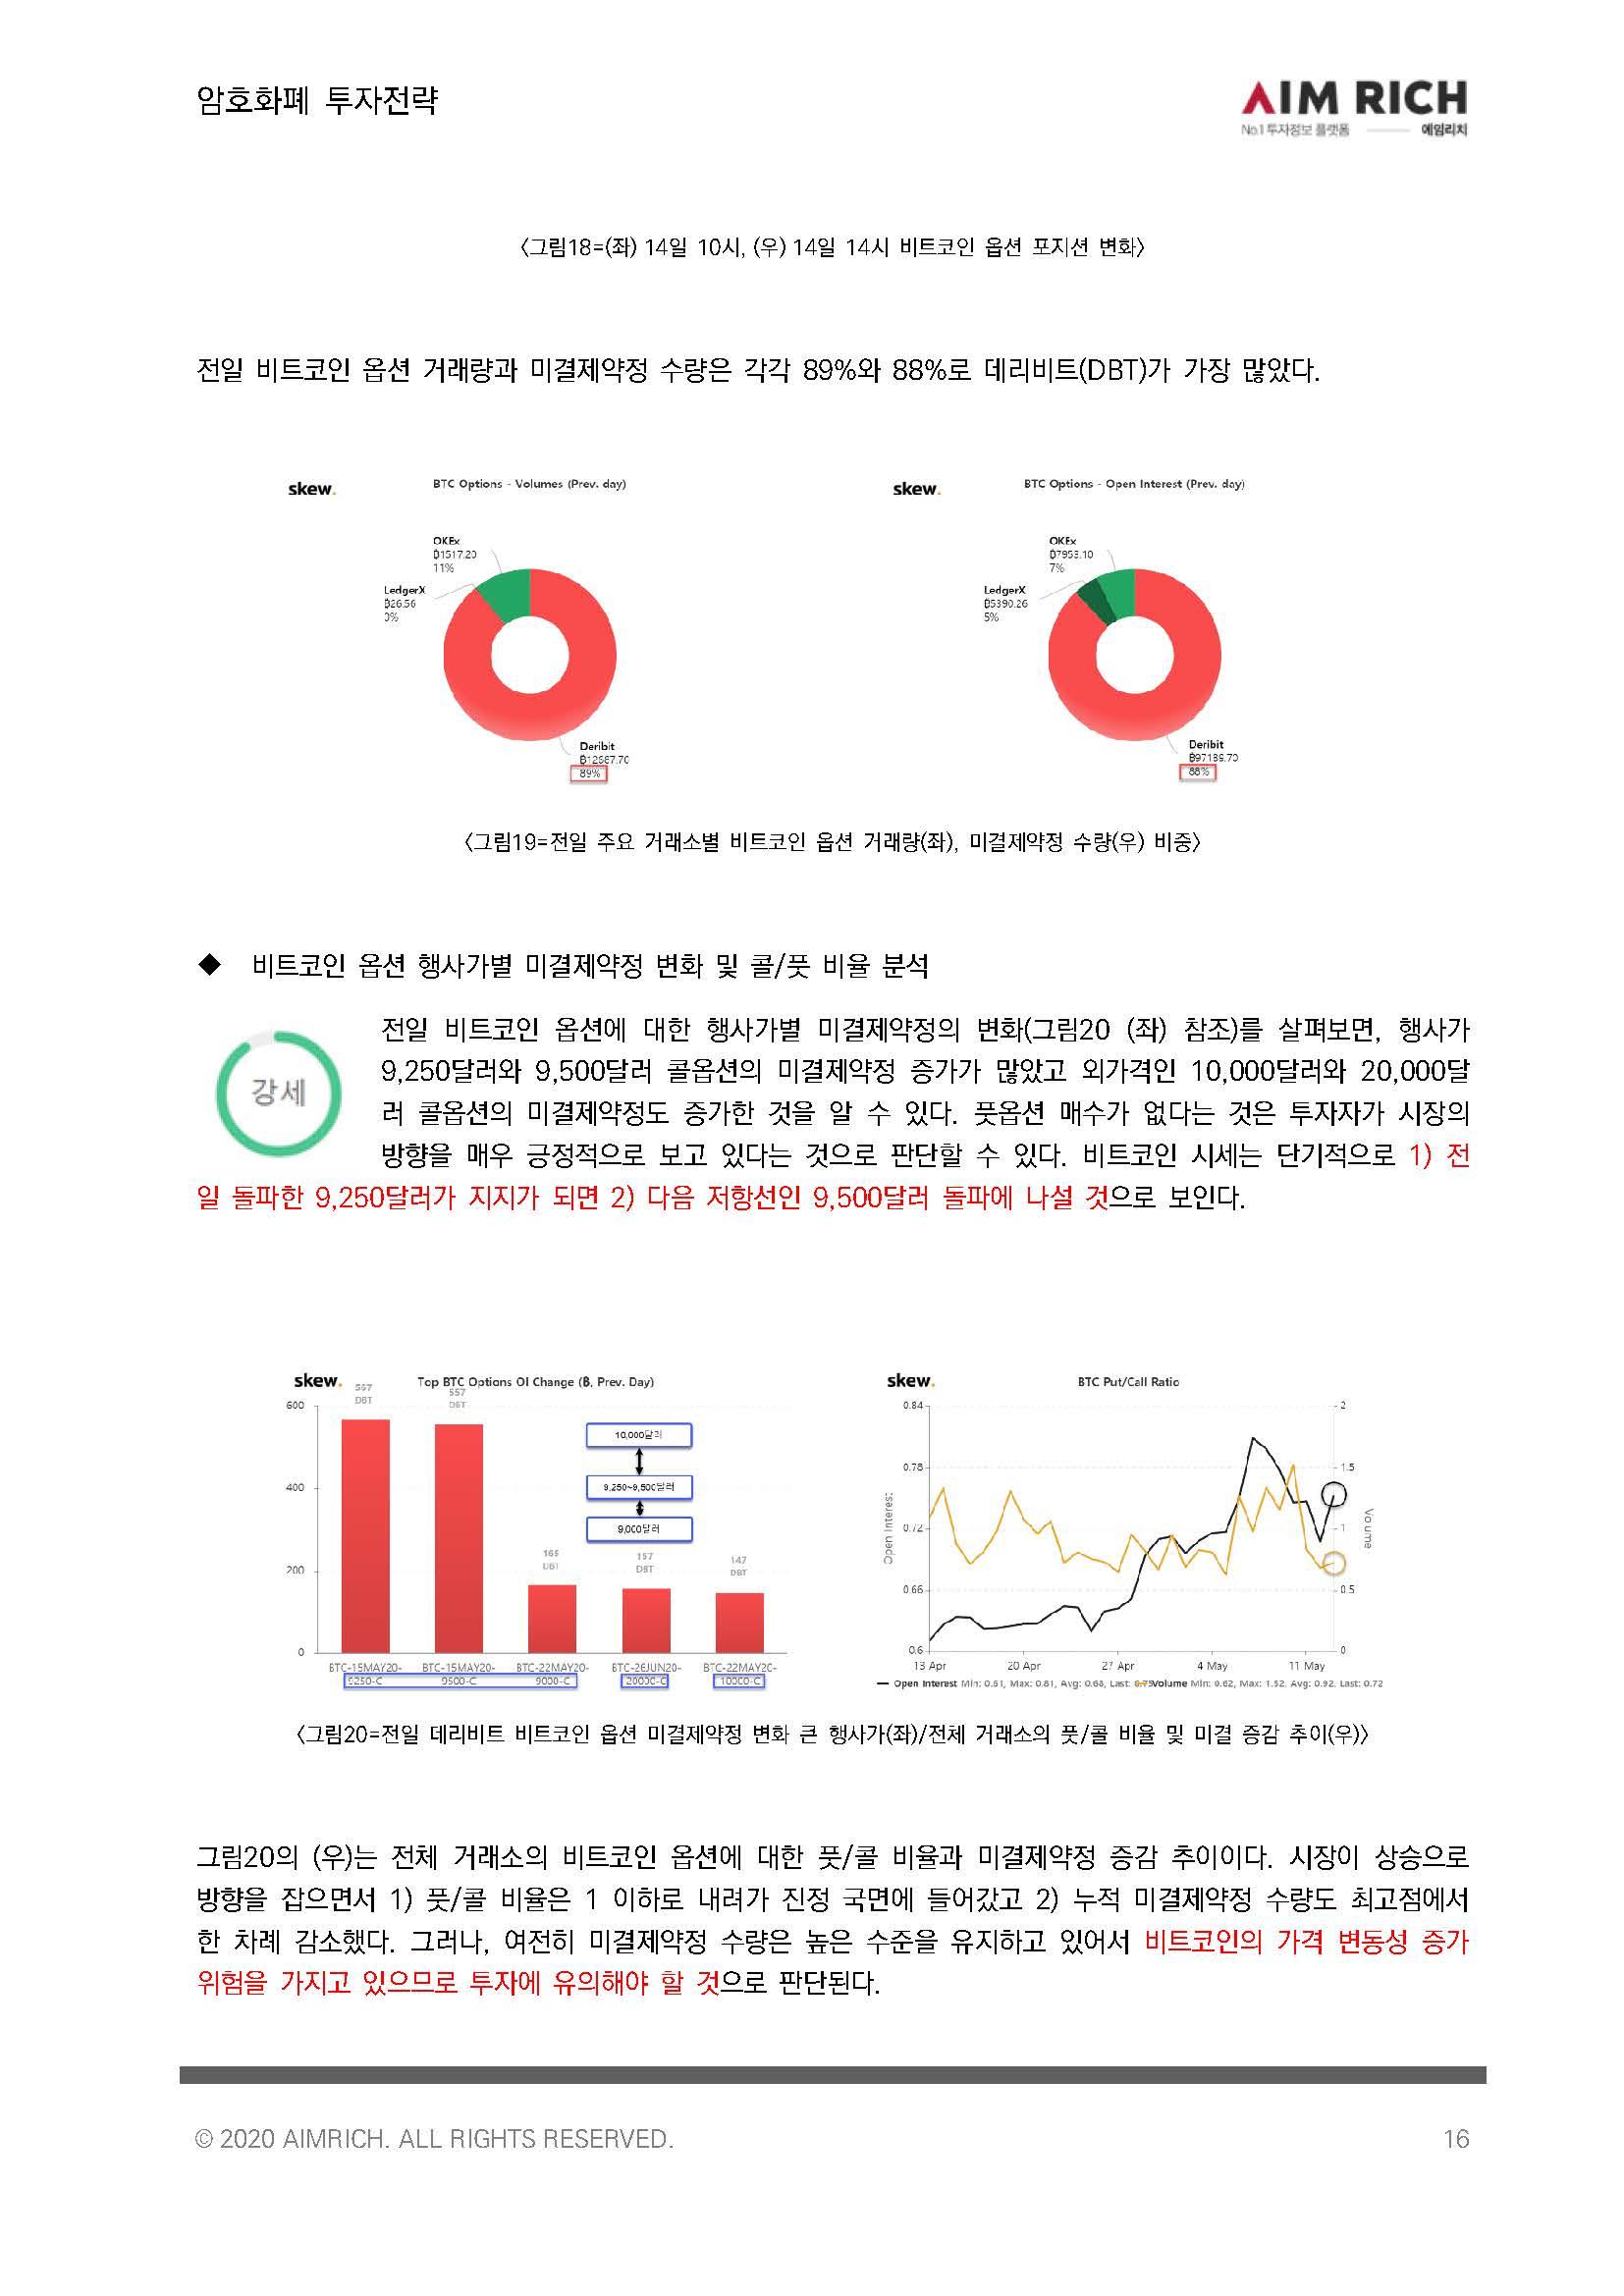 [투자전략]비트코인, 주요 자산 중 연초대비 수익률 1위로 '강세'_20200514_페이지_16.jpg